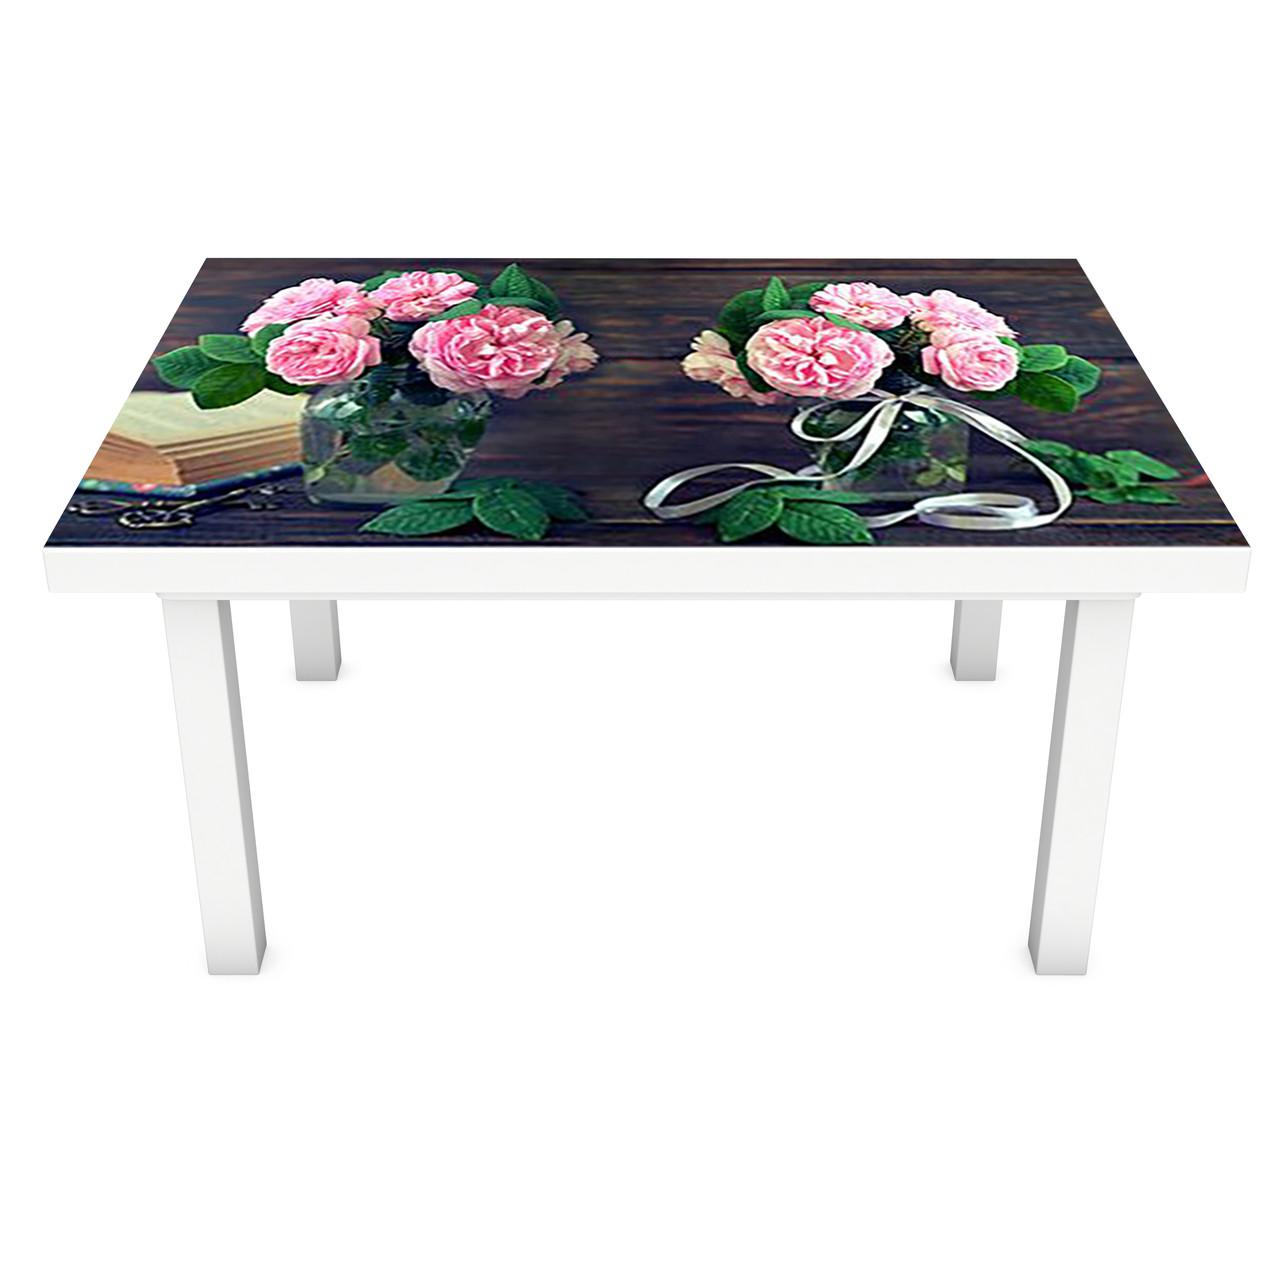 Наклейка на стіл Рожеві Троянди 3Д ПВХ інтер'єрна плівка для меблів букети квіти Коричневий 600*1200 мм